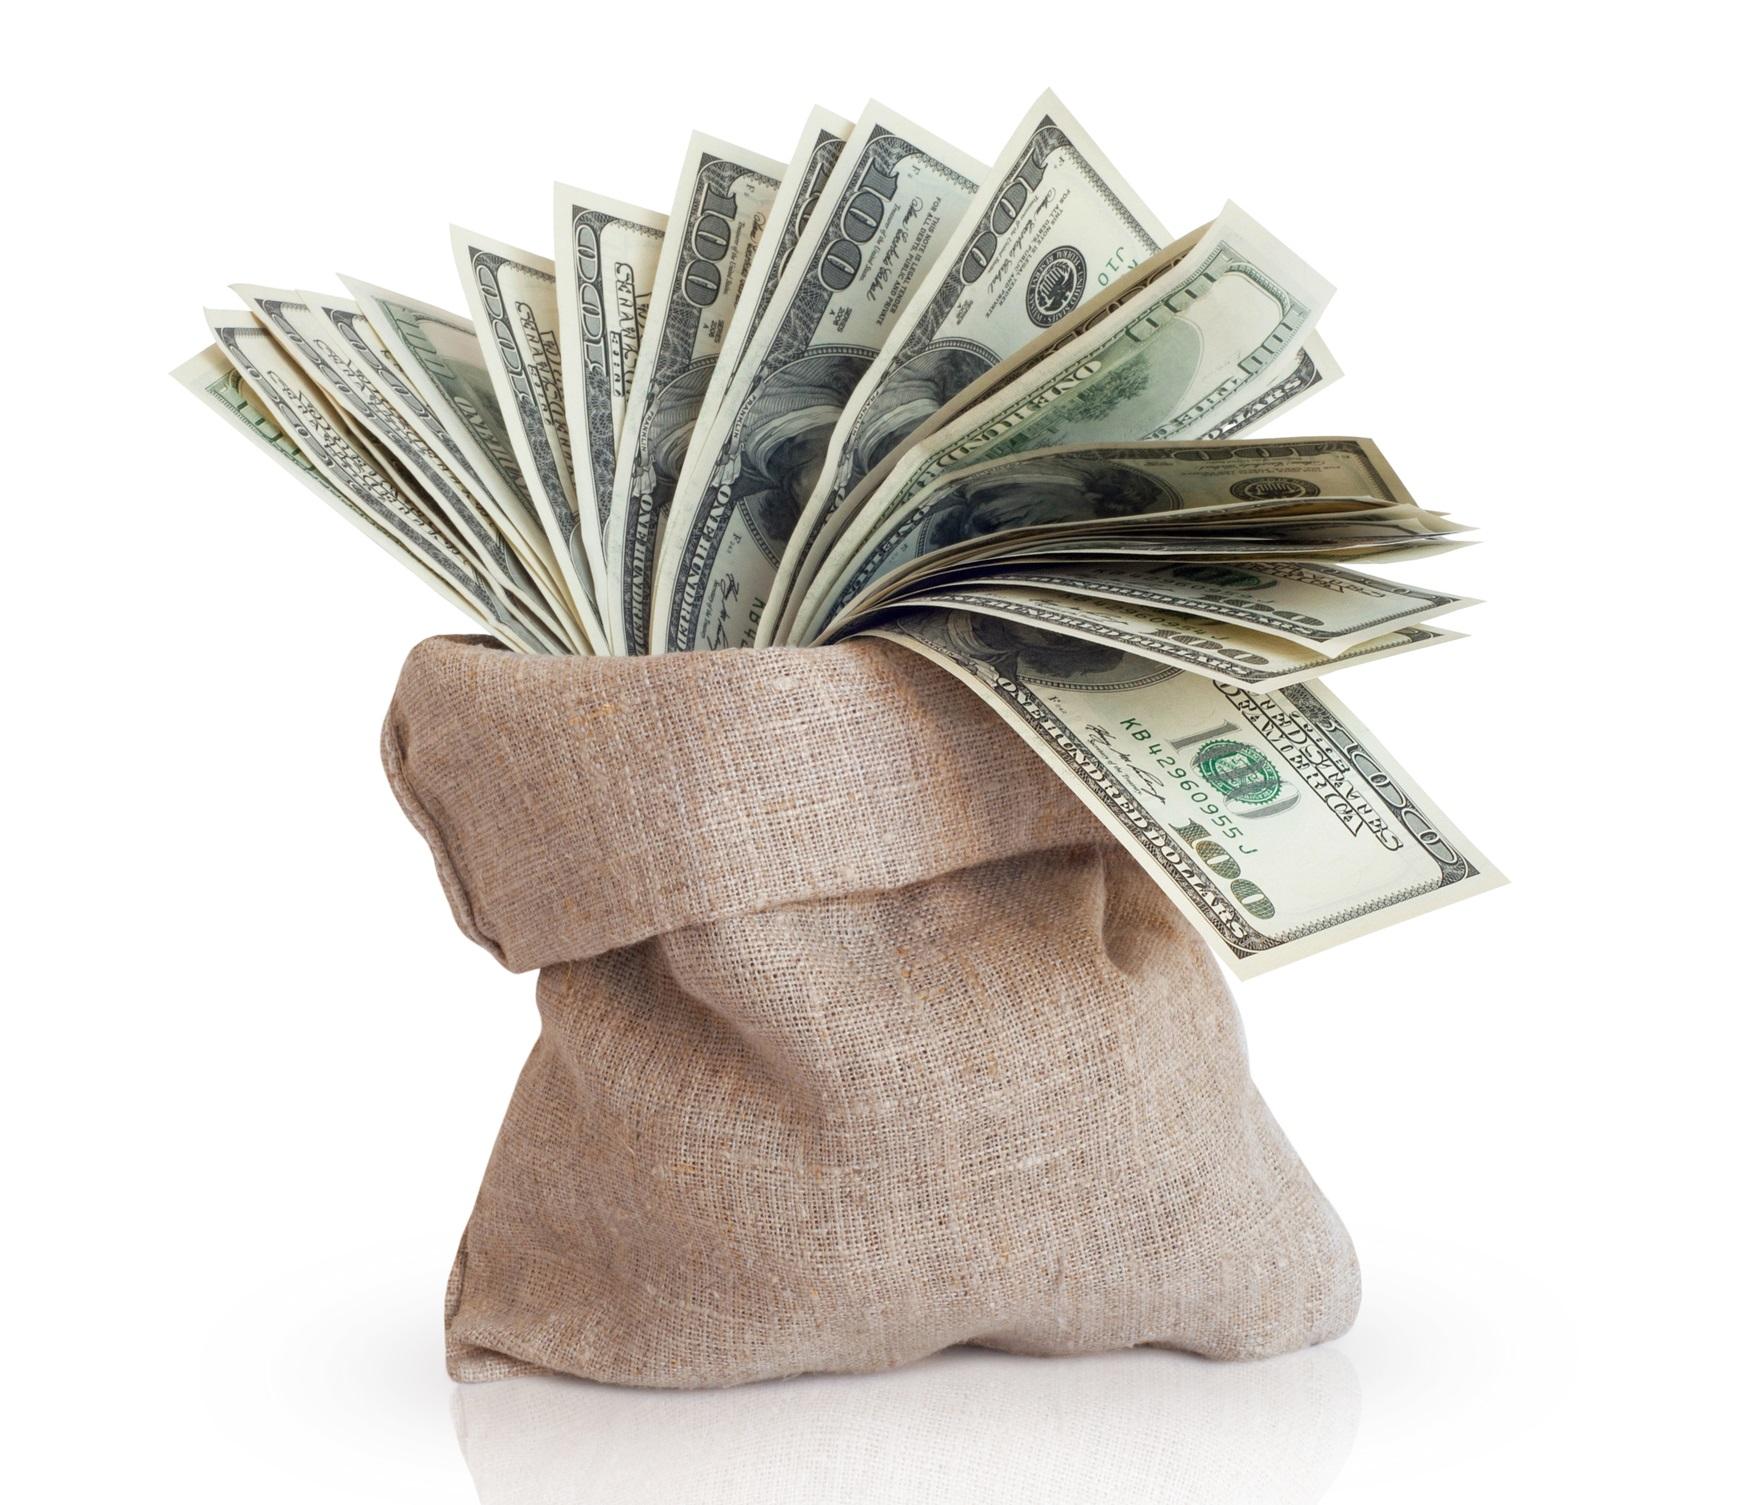 sack full of 100-dollar bills